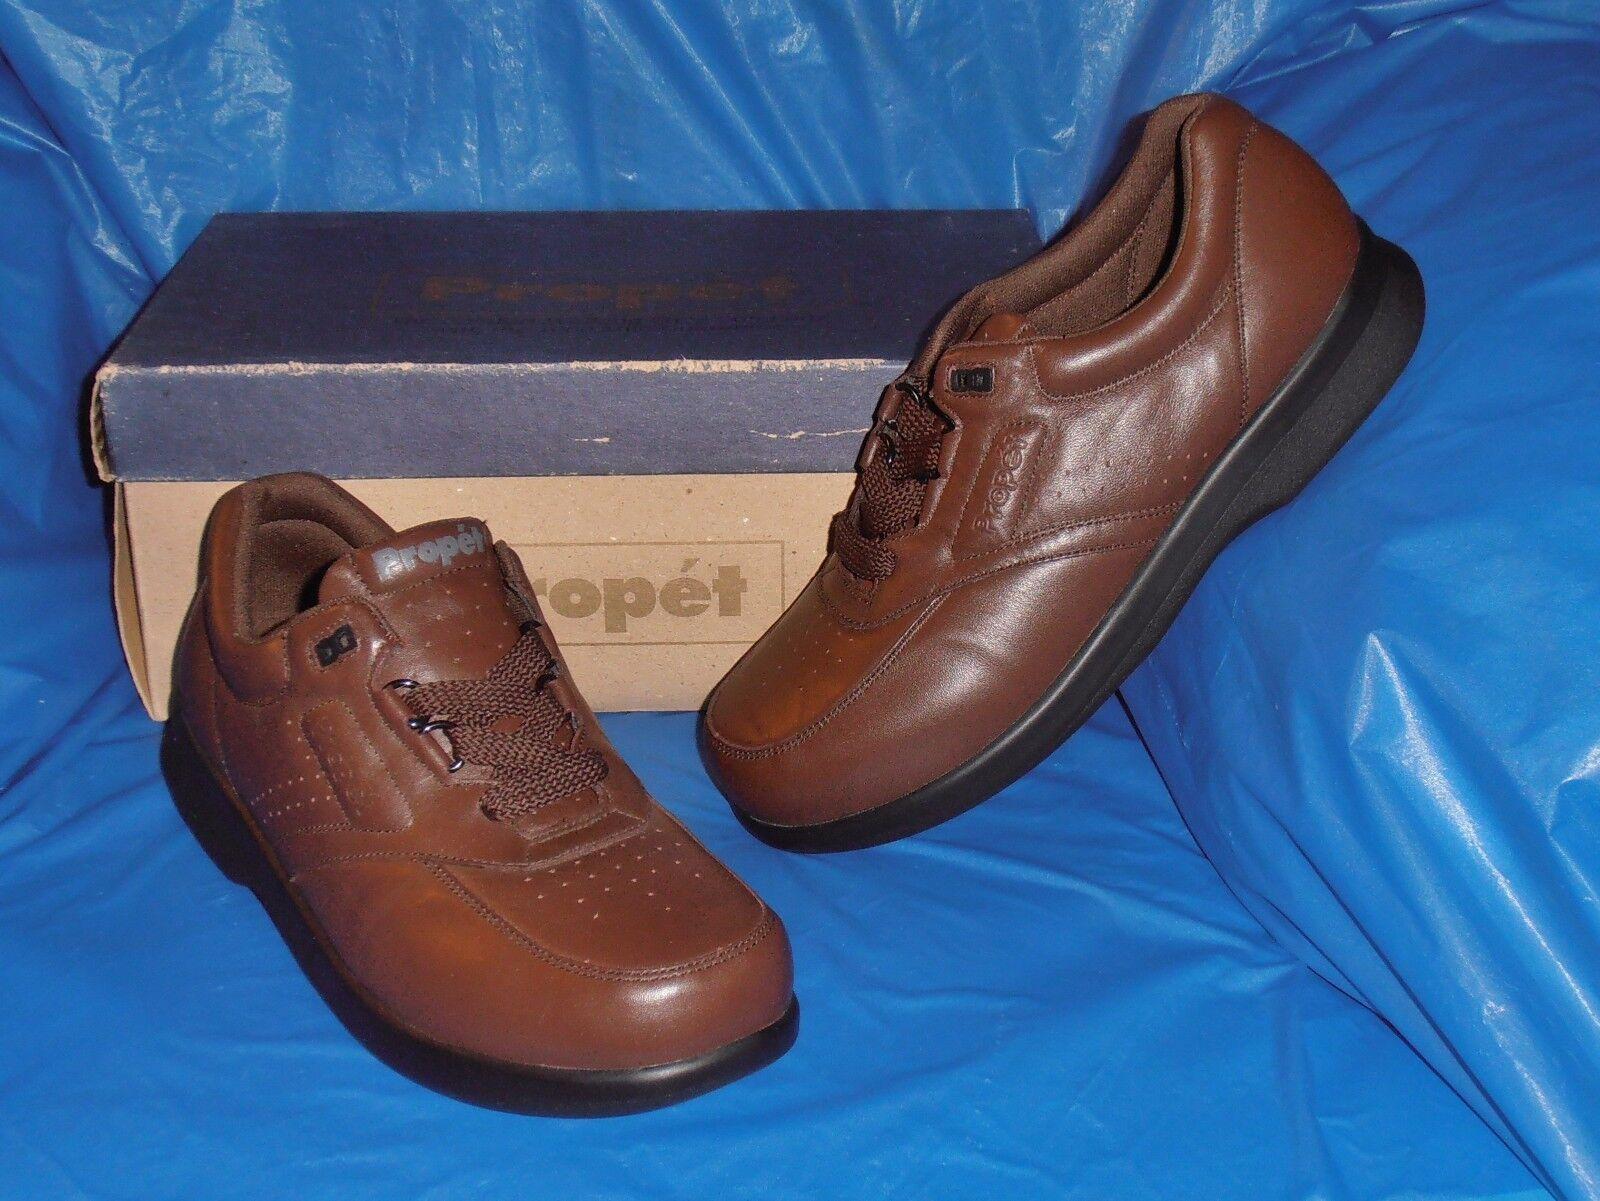 Propet, Uomo Brown Lite Comfort Walking shoe 9  EEEEE